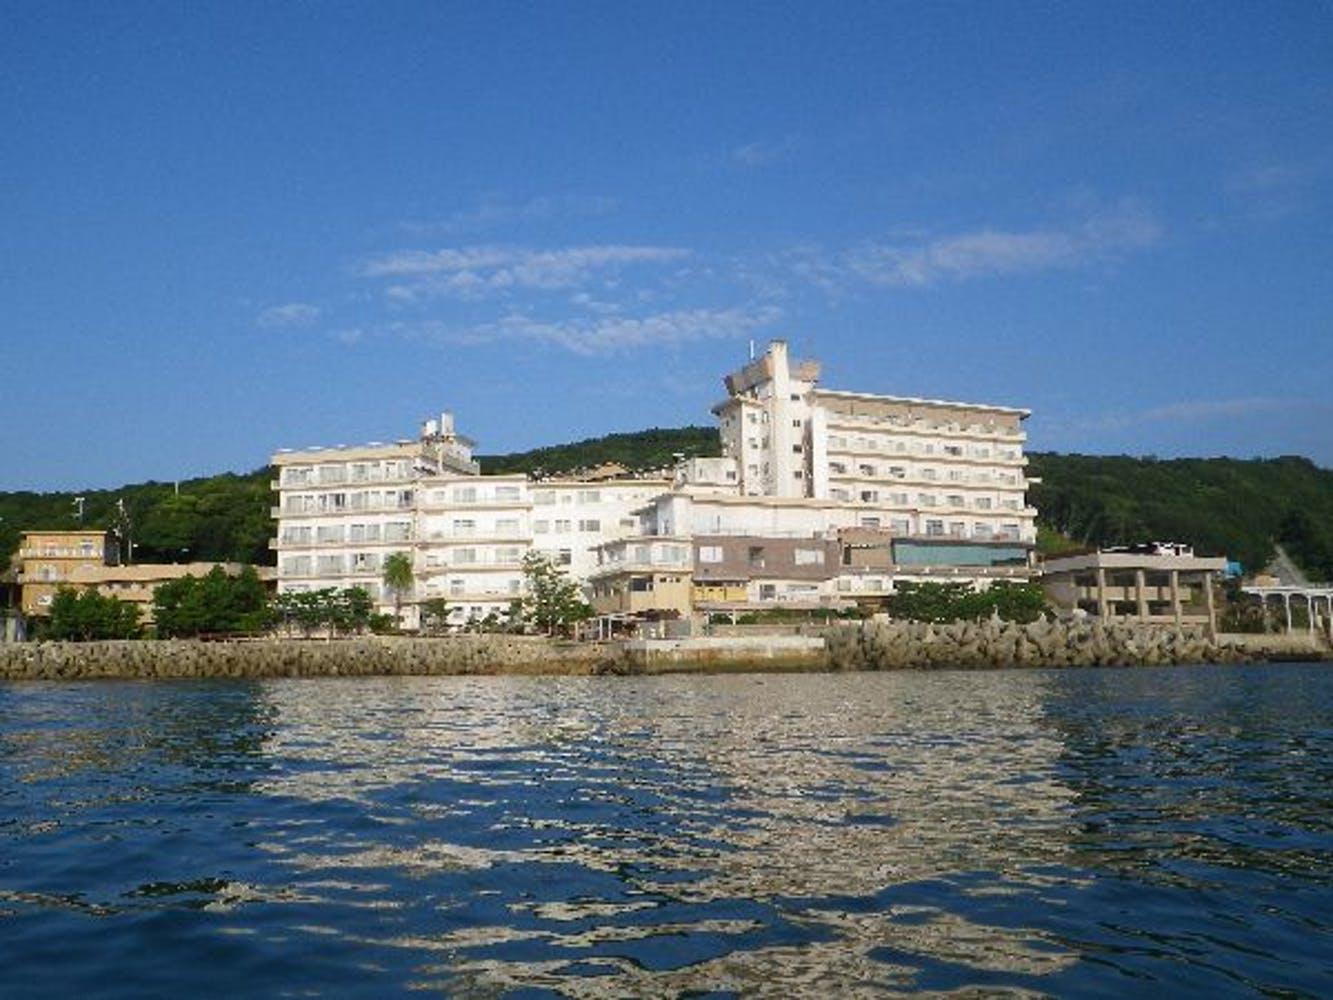 淡路島観光ホテル 写真1